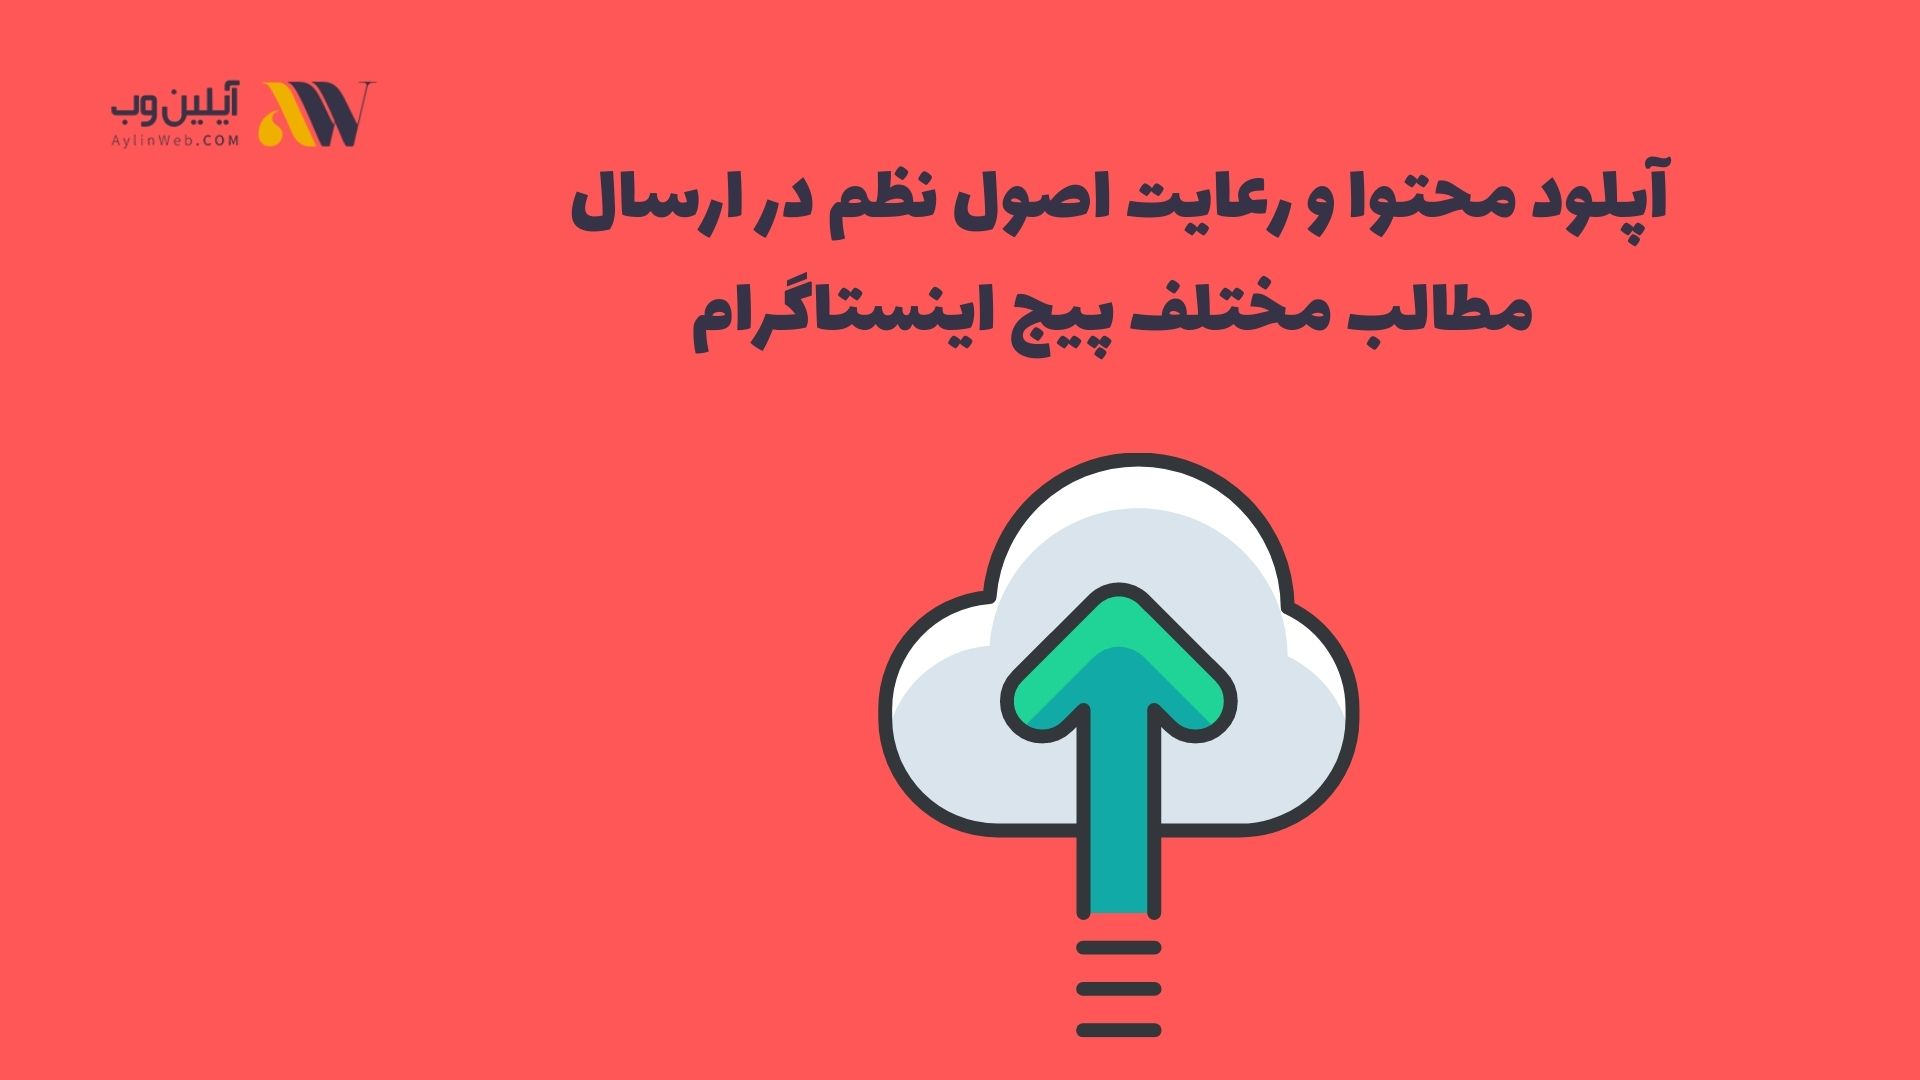 آپلود محتوا و رعایت اصول نظم در ارسال مطالب مختلف پیج اینستاگرام